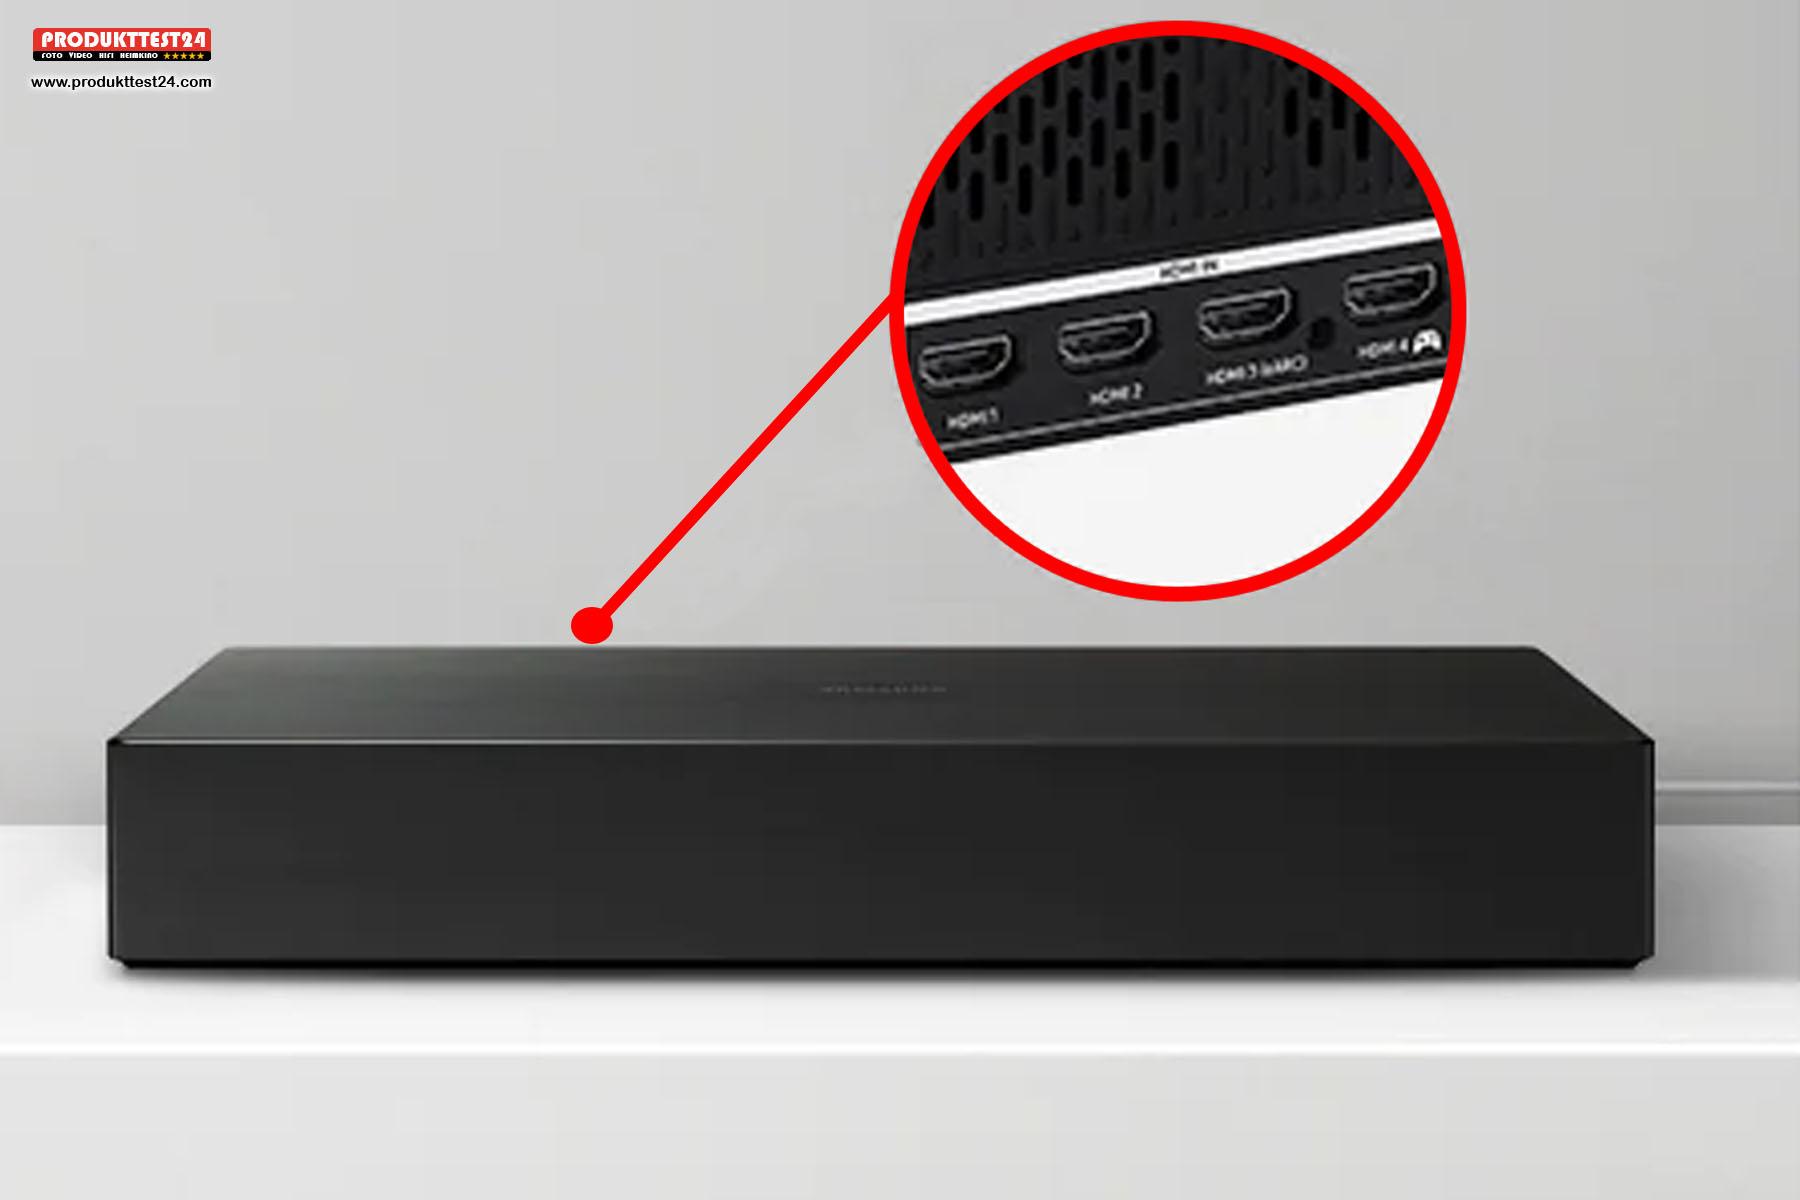 Die Anschlüsse befinden sich nicht am Fernseher, sondern an der externen One-Connect-Box.